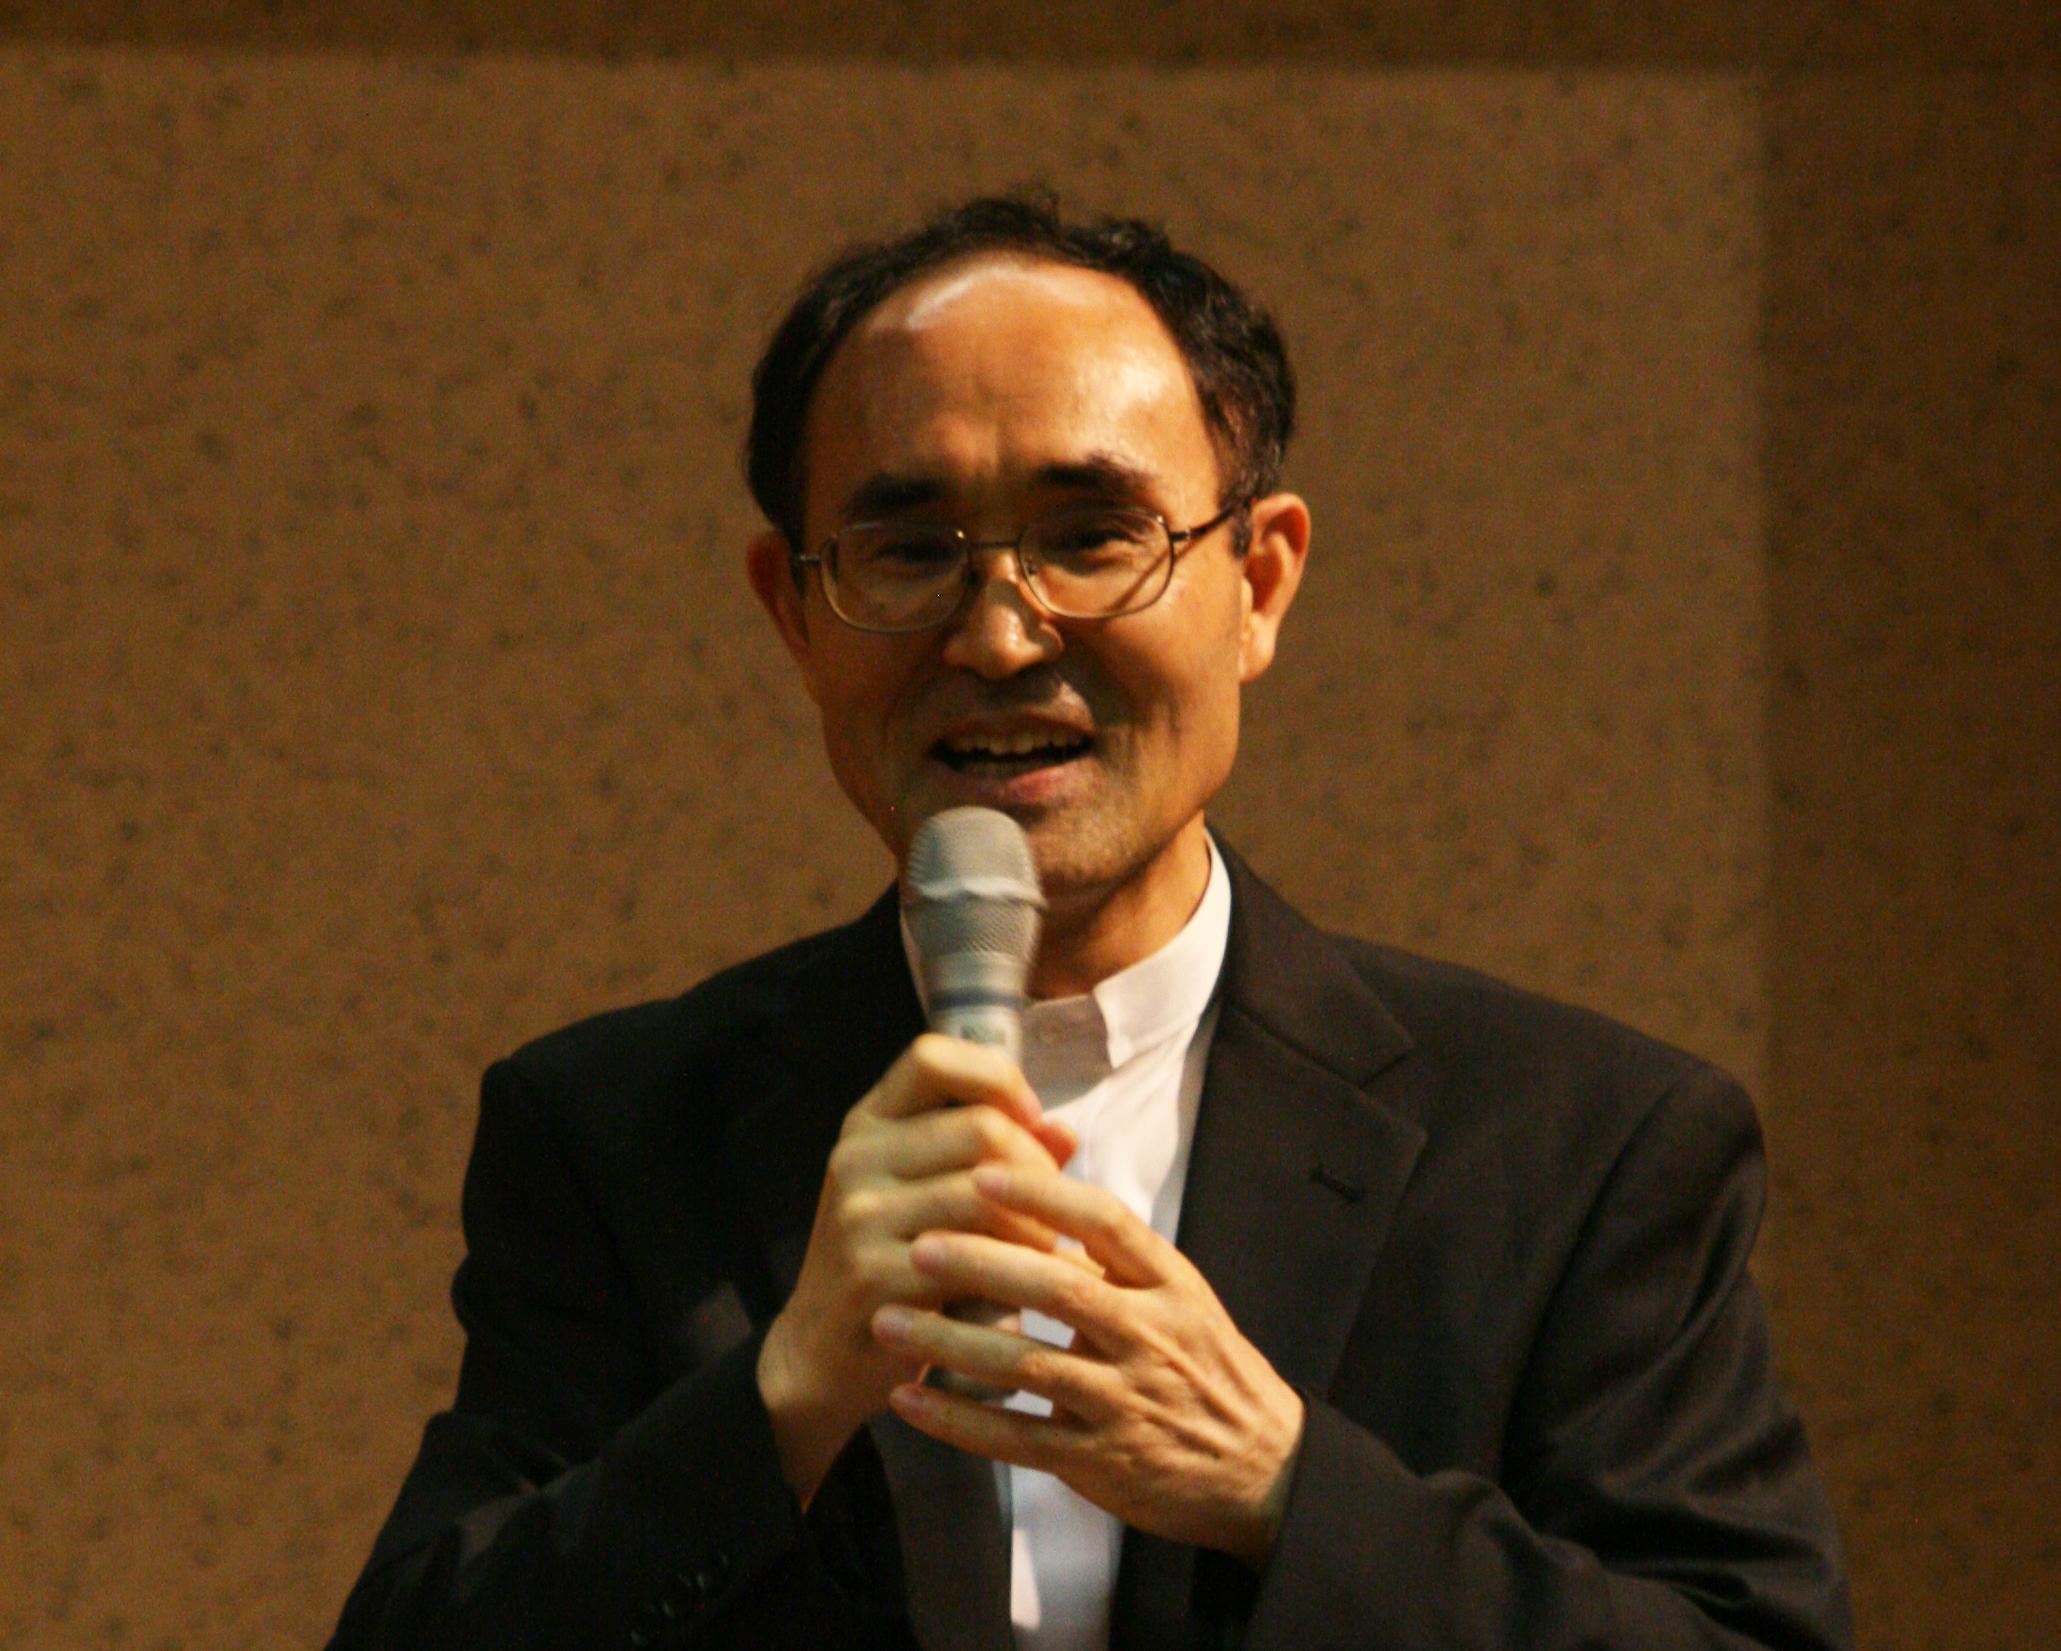 9月16日 公開典礼講座「ゆるしの秘跡」 | カトリック長崎大司教区